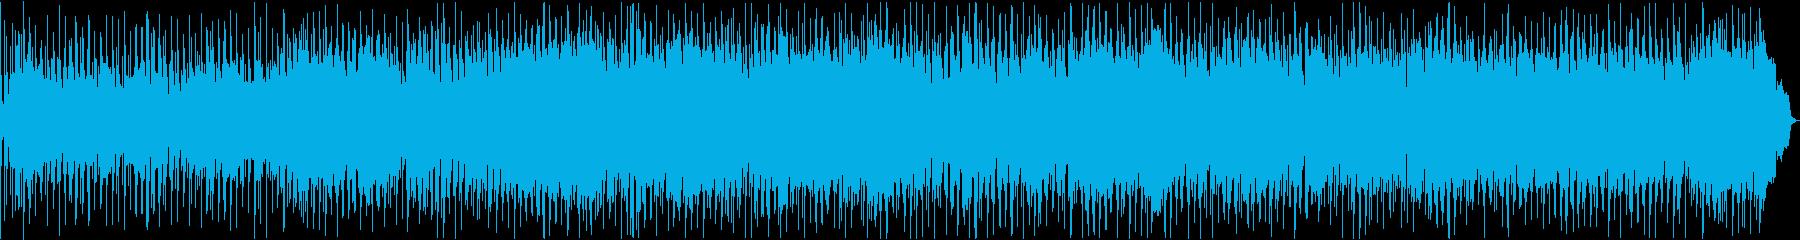 ブルージーなハーモニカのブルースの再生済みの波形